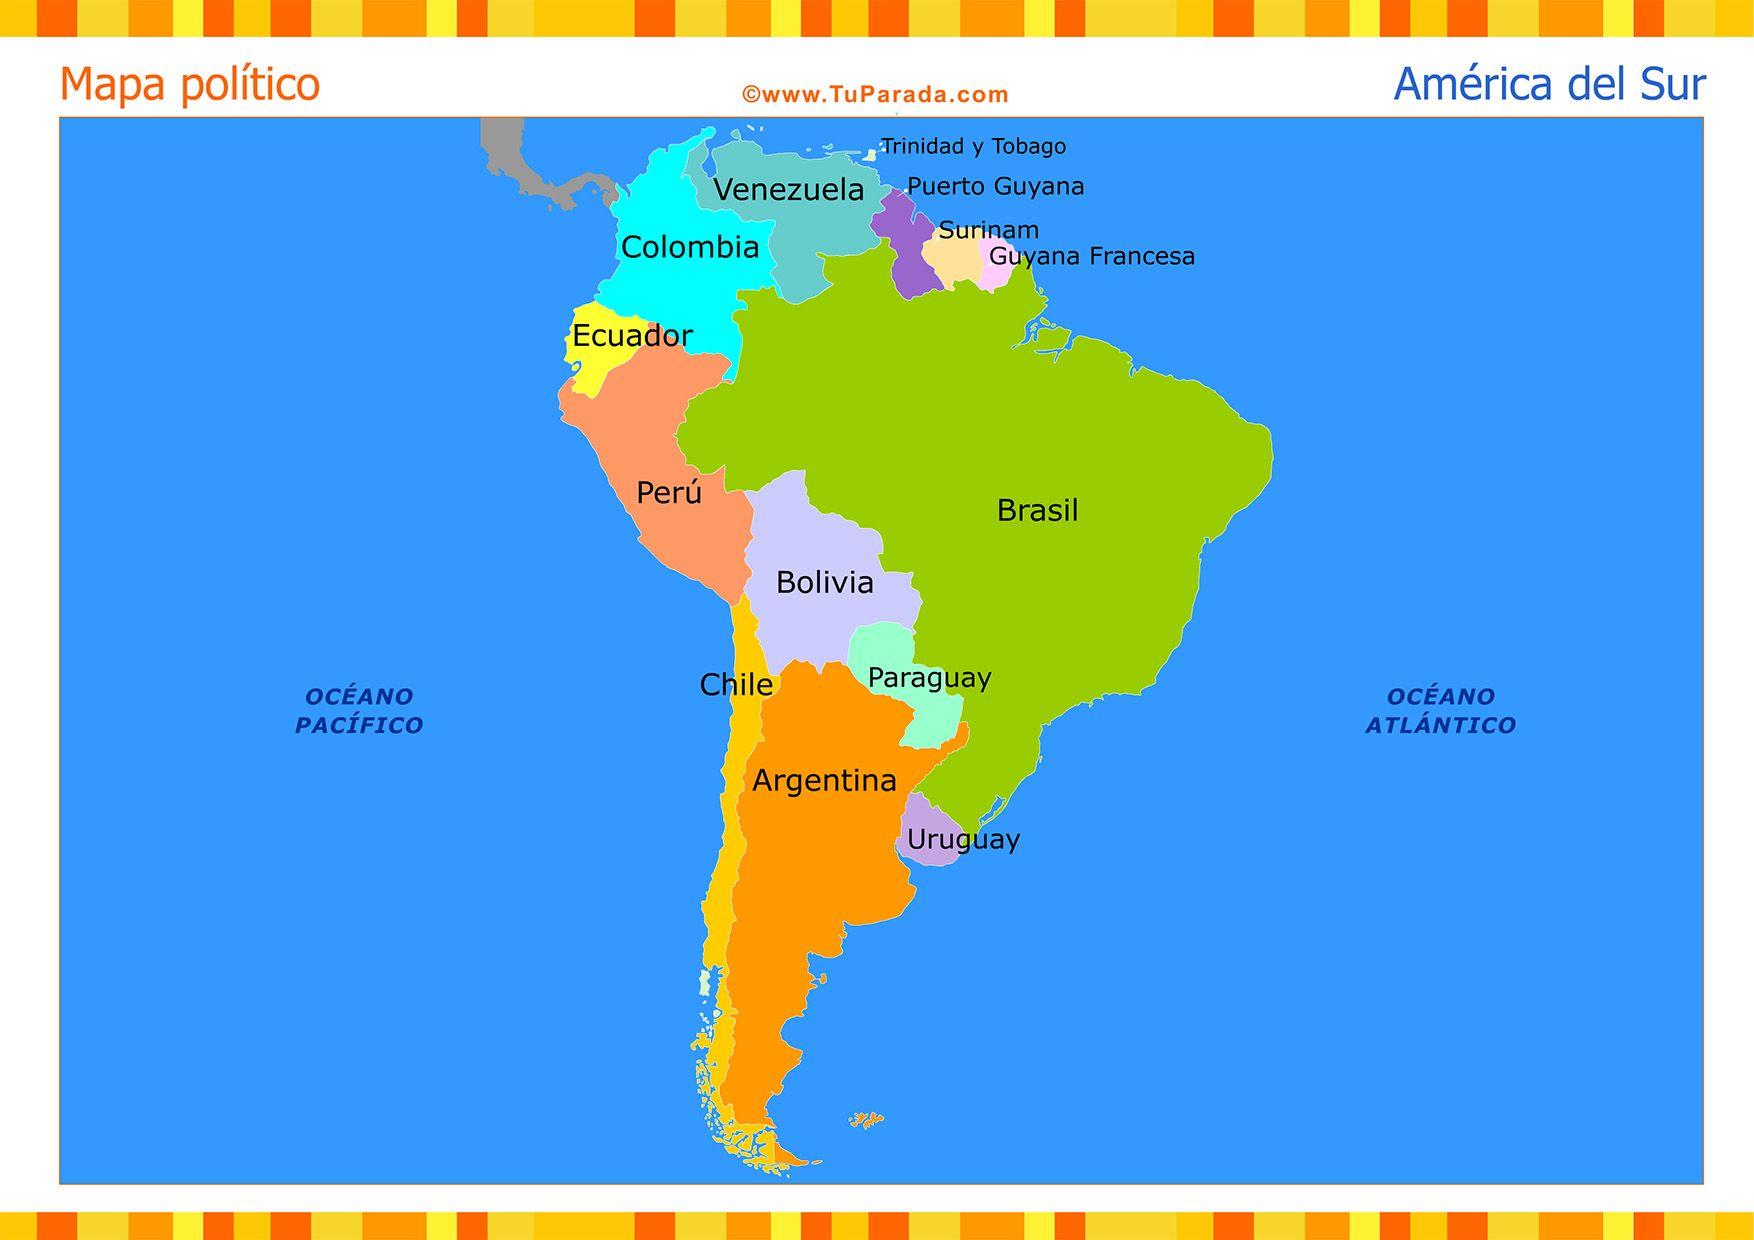 Mapa de América del Sur político. Tarjetas postales virtuales